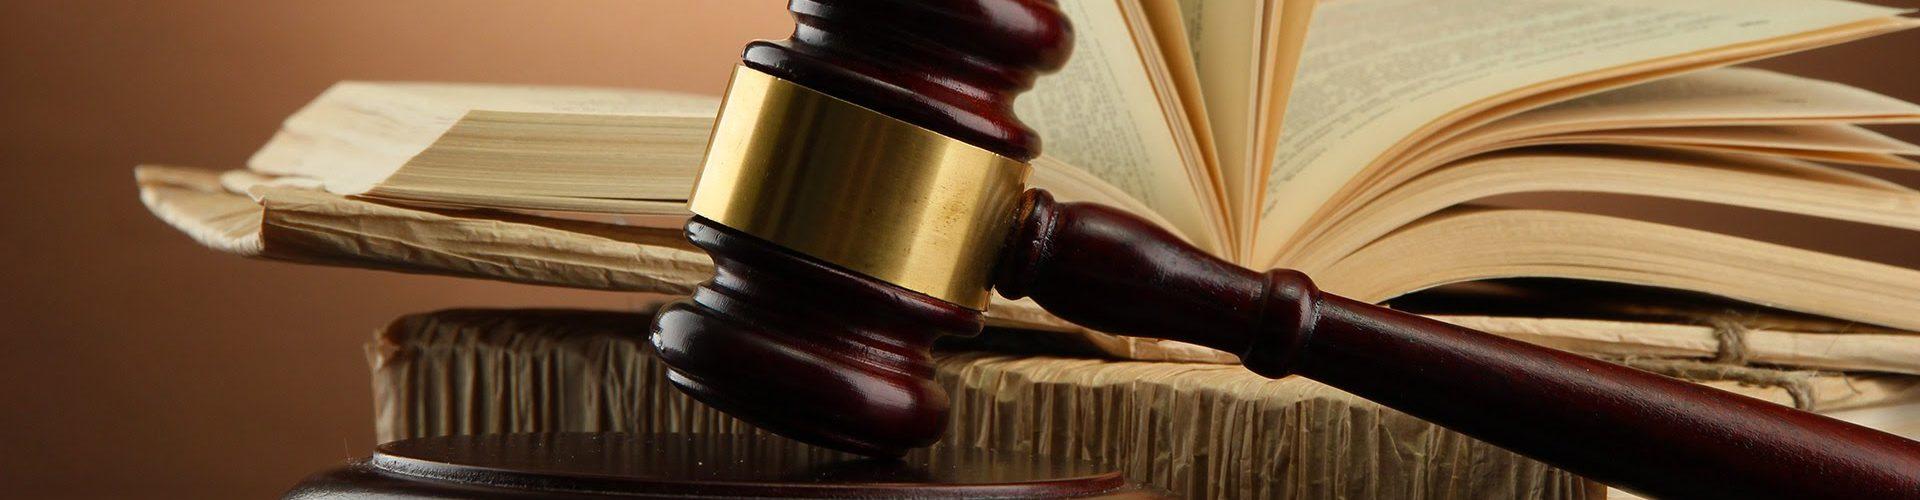 юридическая консультация юридические услуги